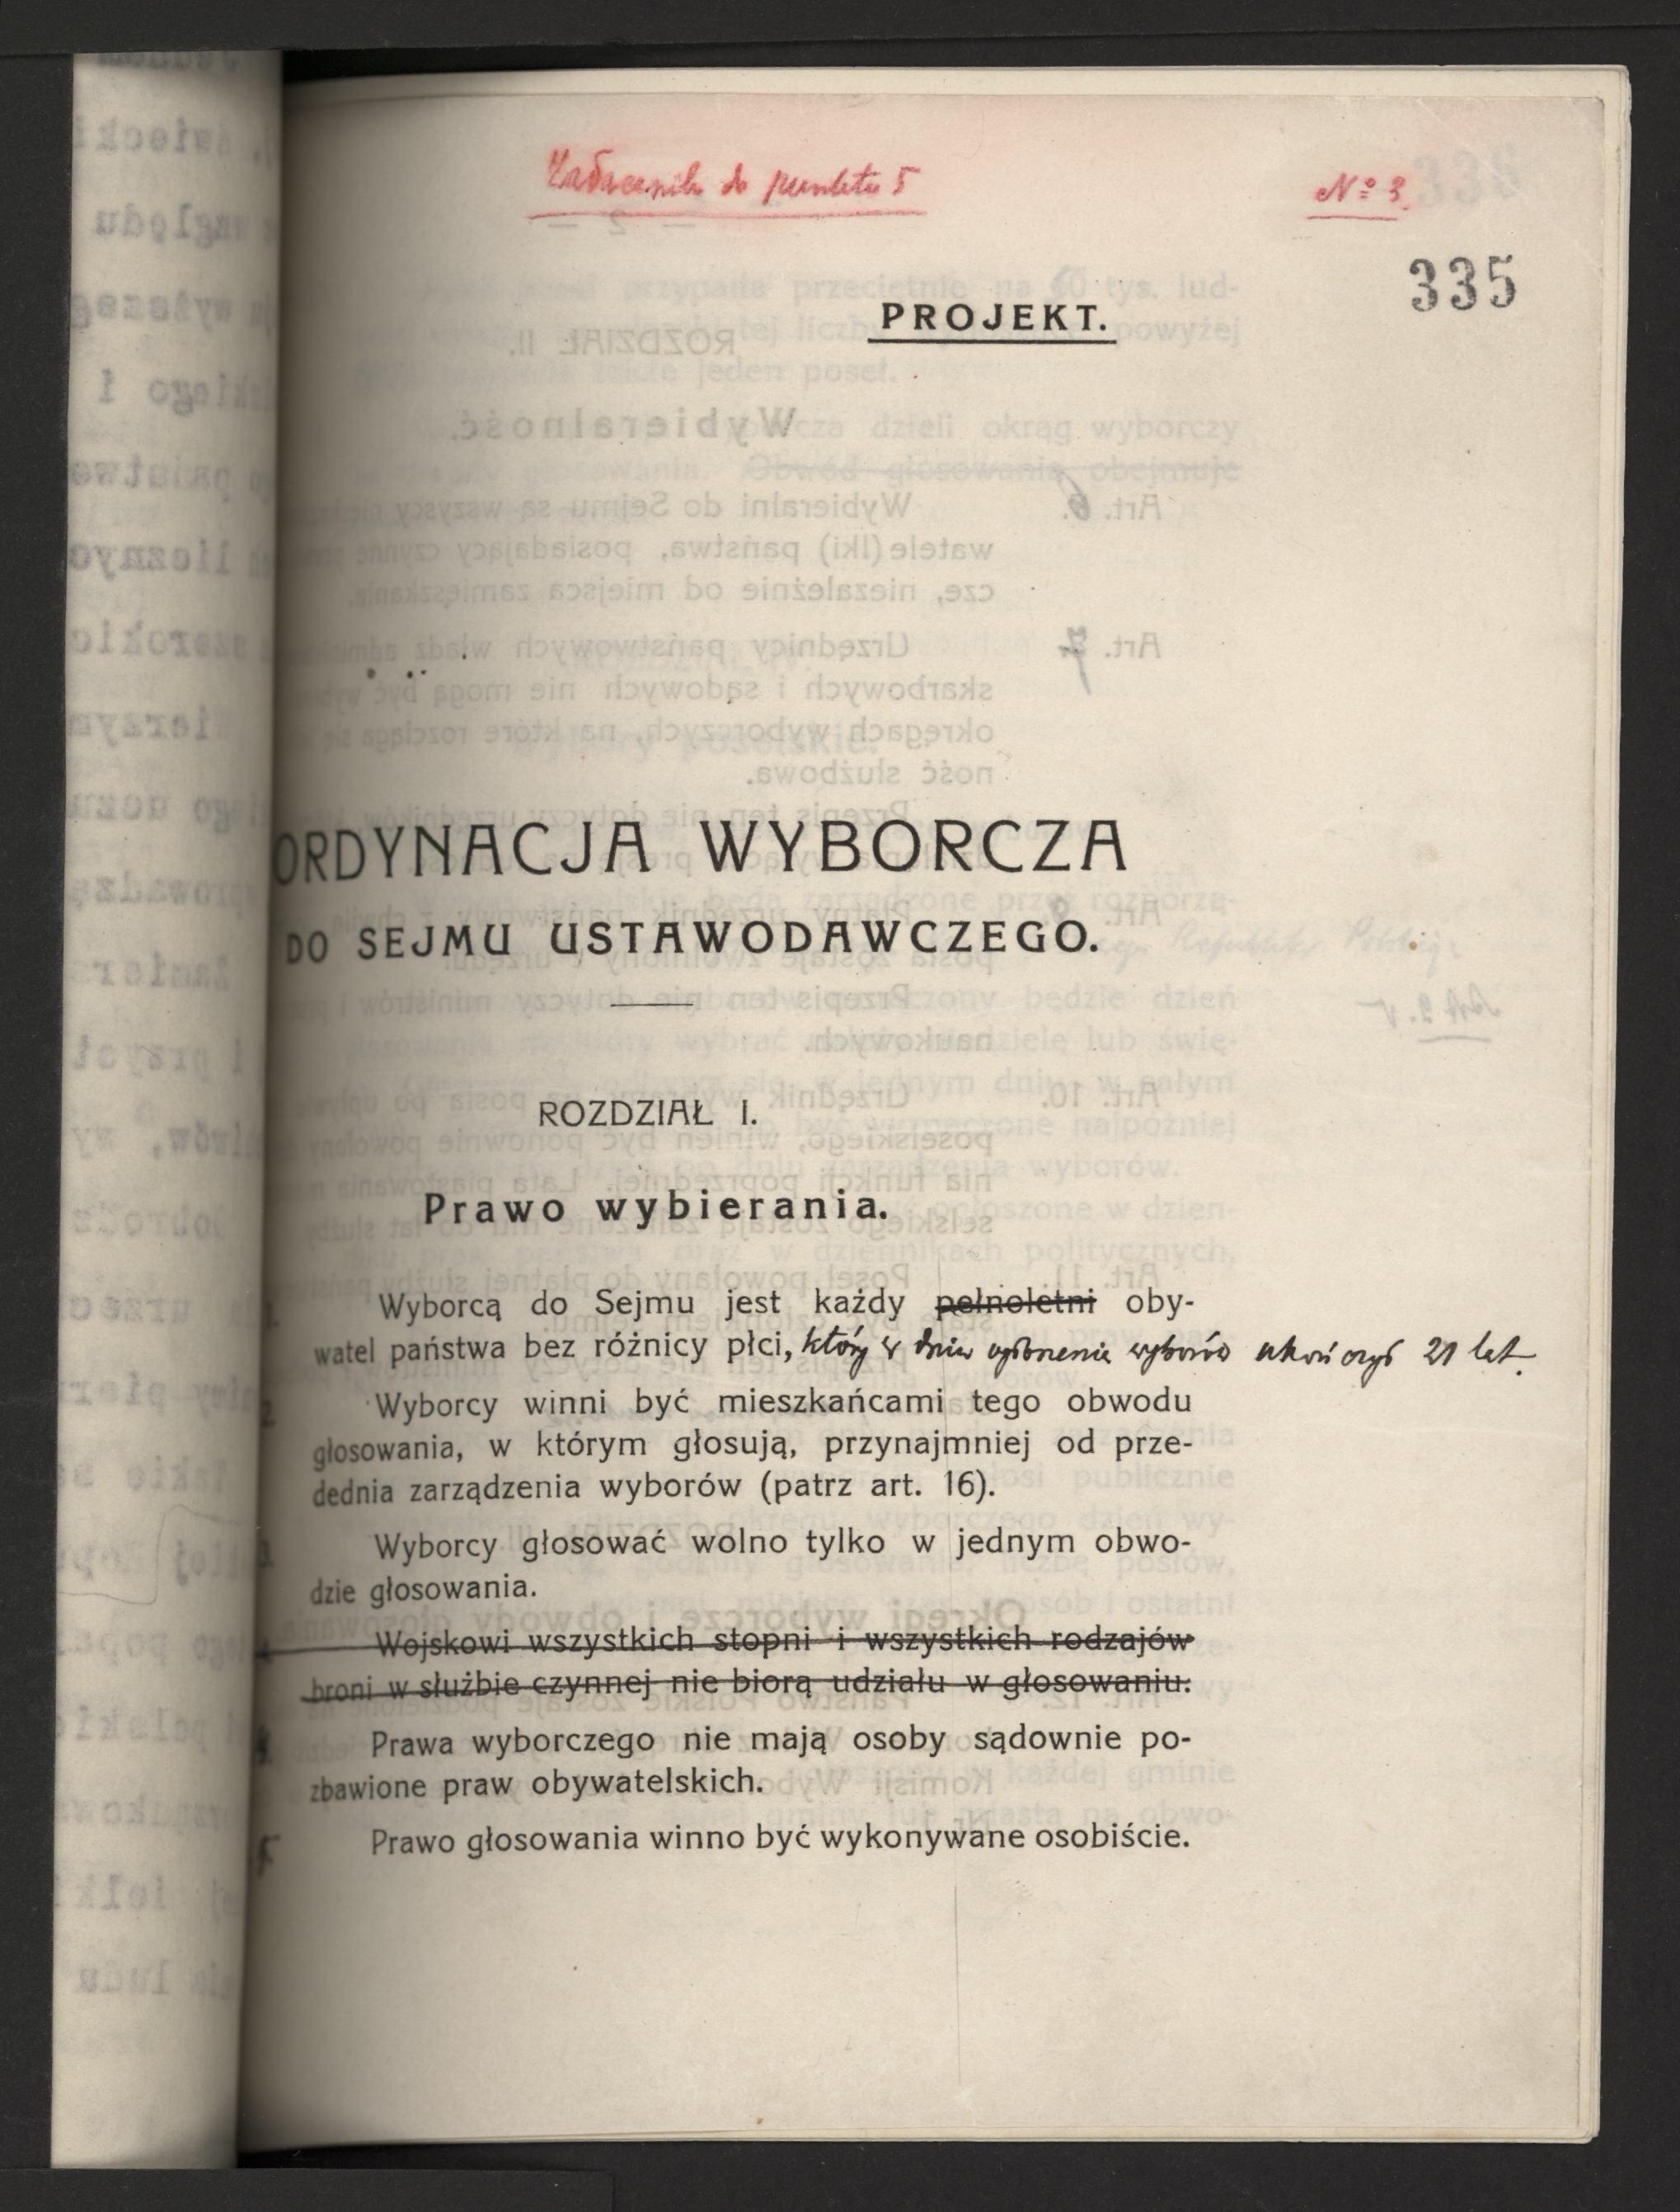 Ordynacja wyborcza do Sejmu Ustawodawczego - Rodział I